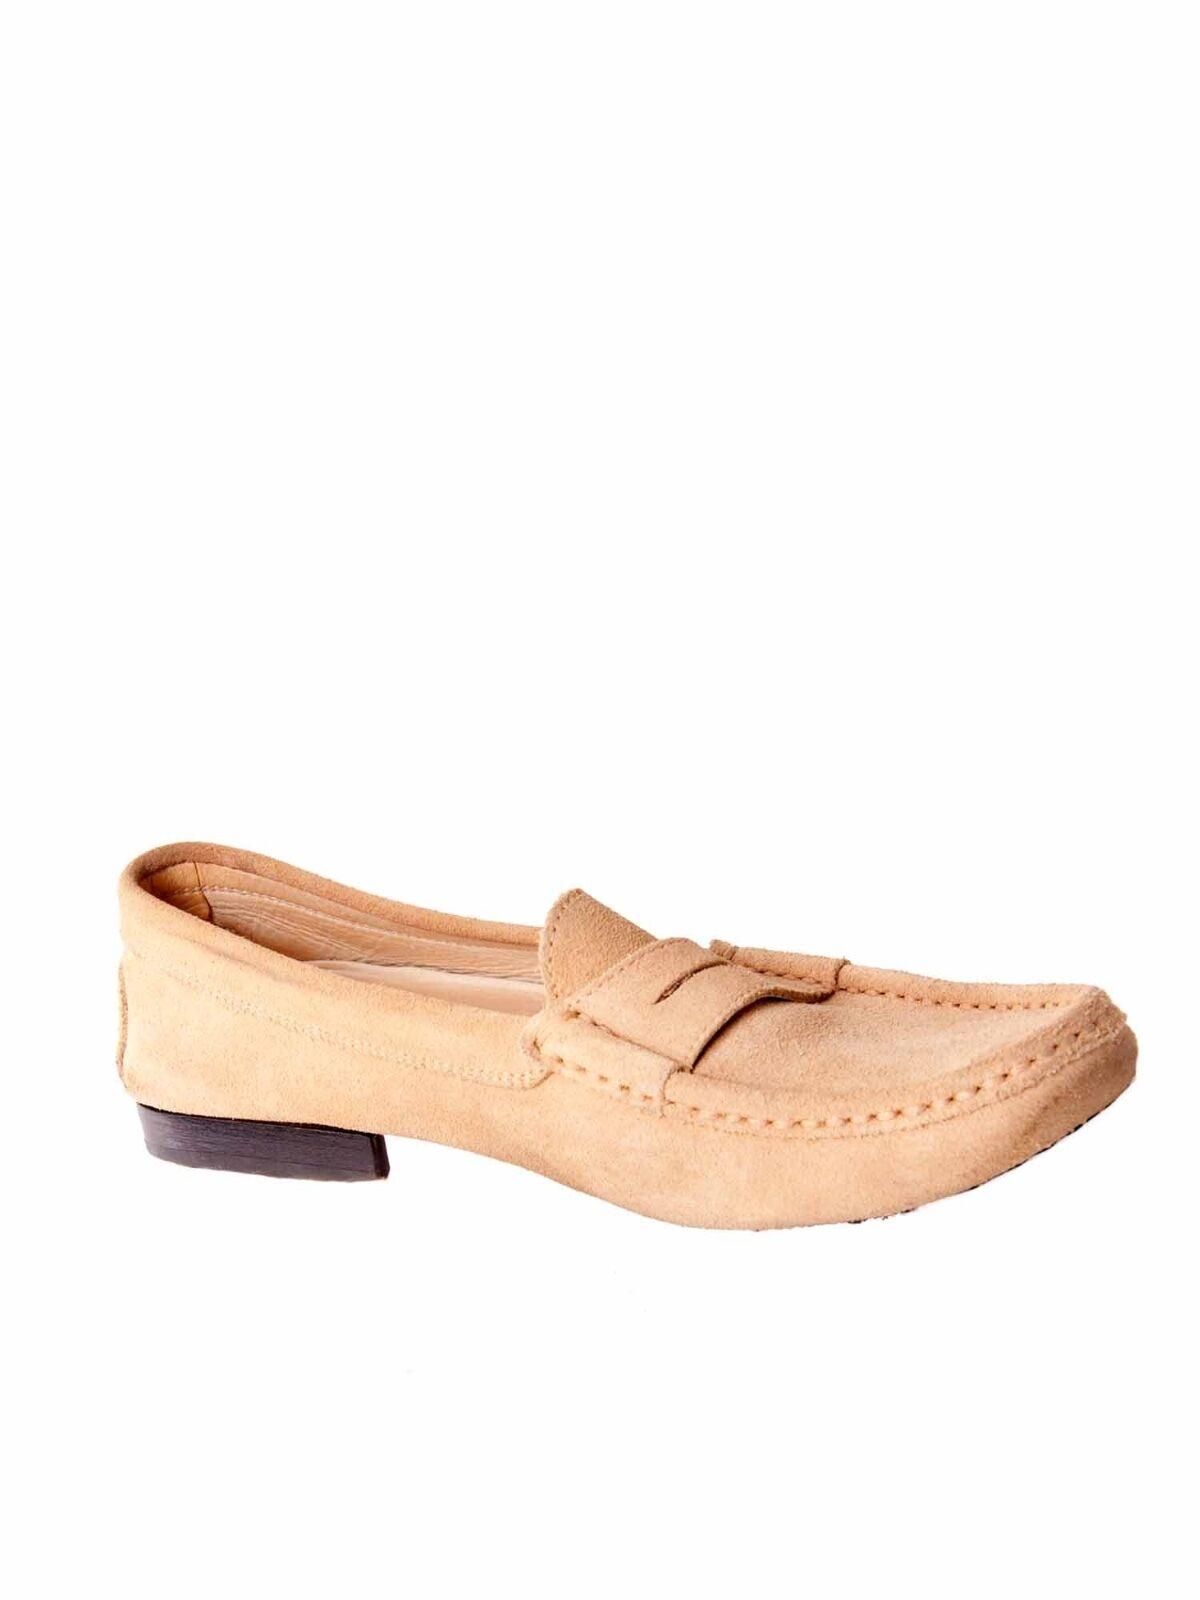 NIB Fendi Ballet Flats Scarpe durevoli di bell'aspetto, resistenti e durevoli Scarpe 744ee8